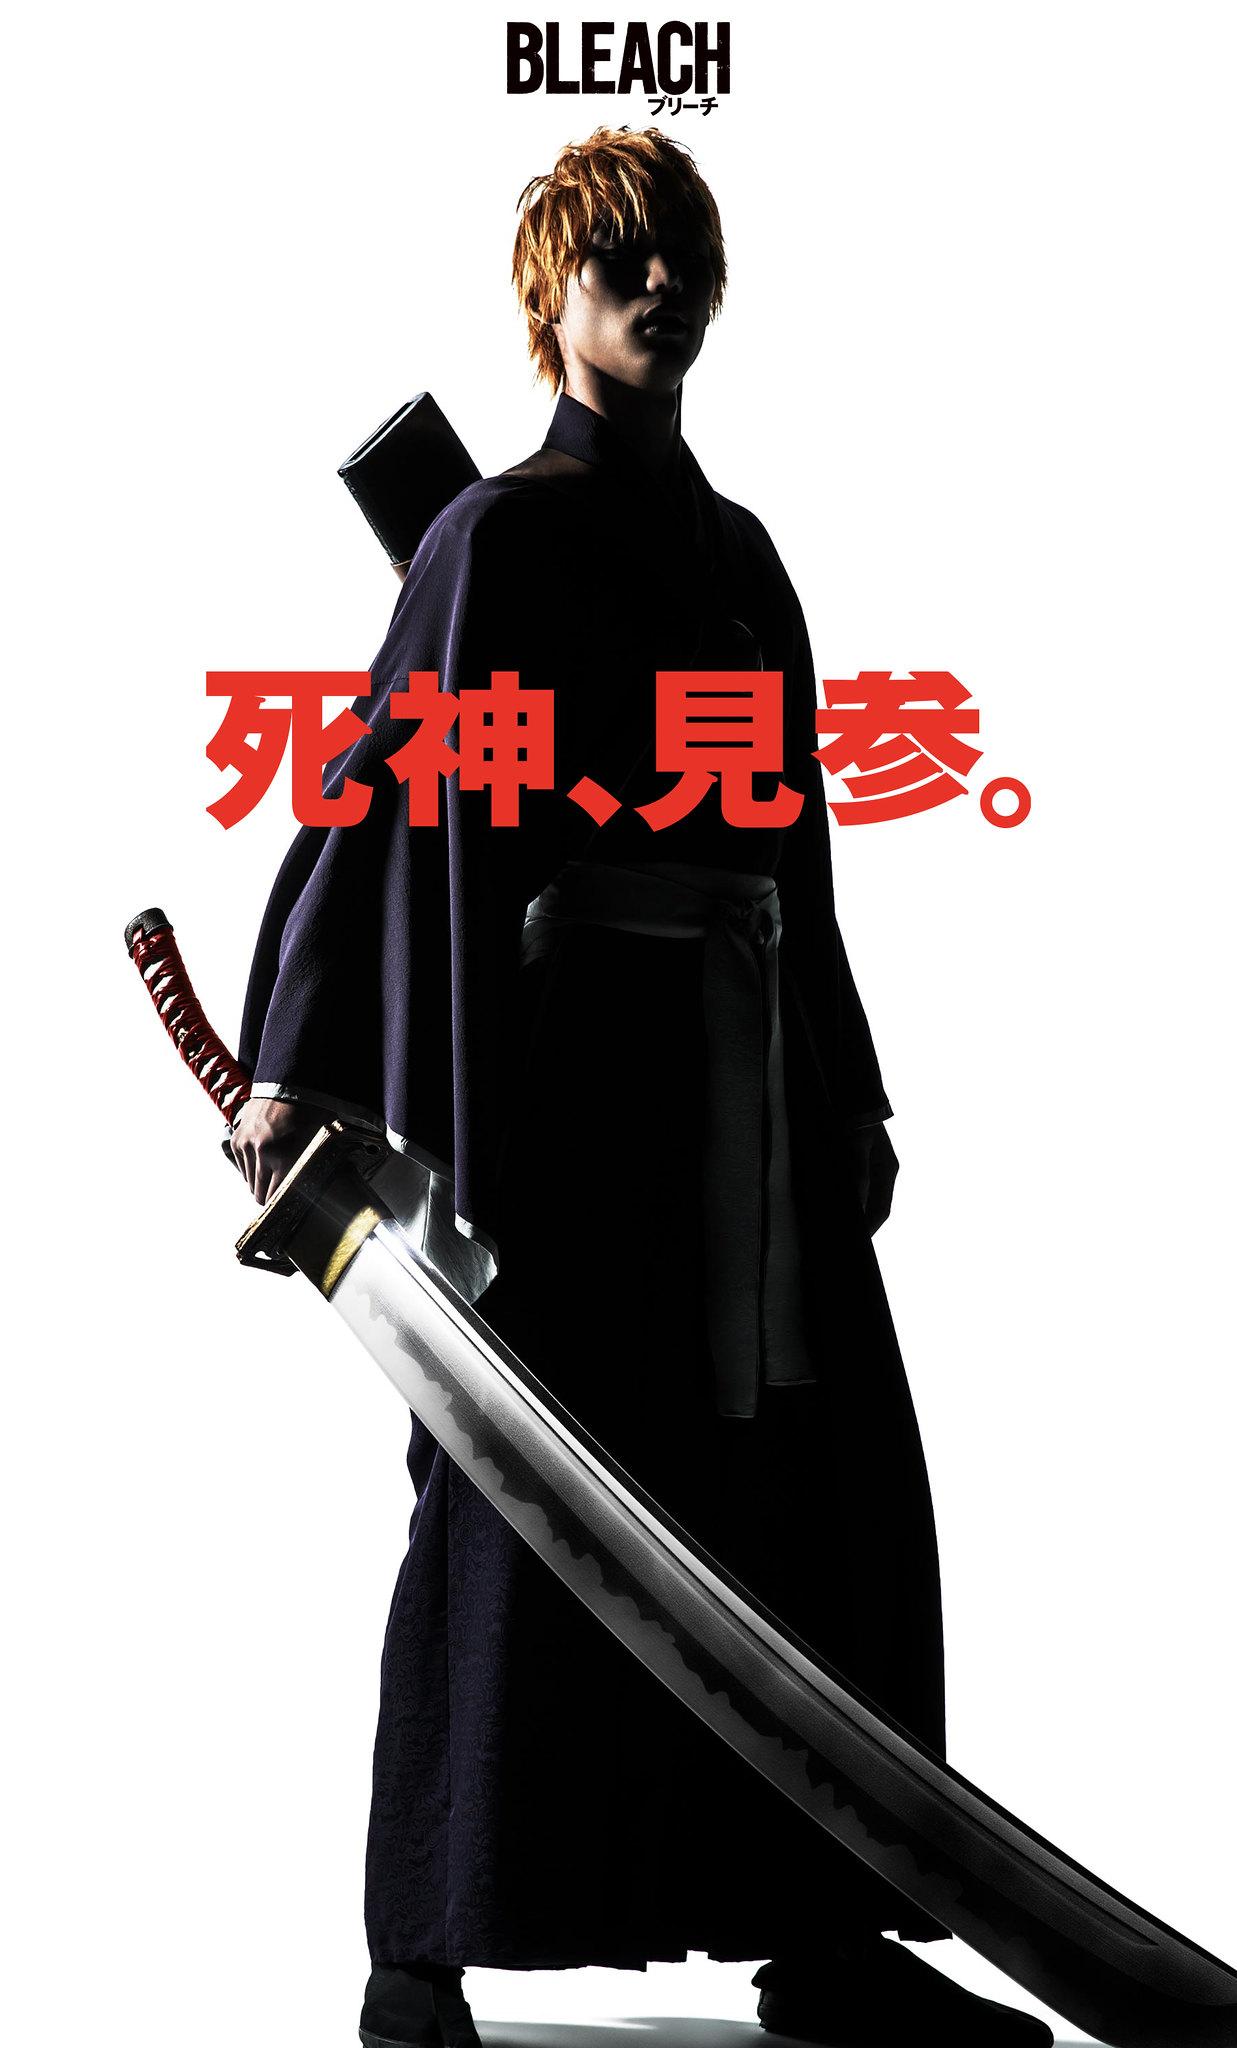 170707(1) - 瞧黑崎一護手揮『斬魄刀』砍虛斷腕!真人電影《死神 BLEACH》鎖定2018年夏天上映、預告片公開!